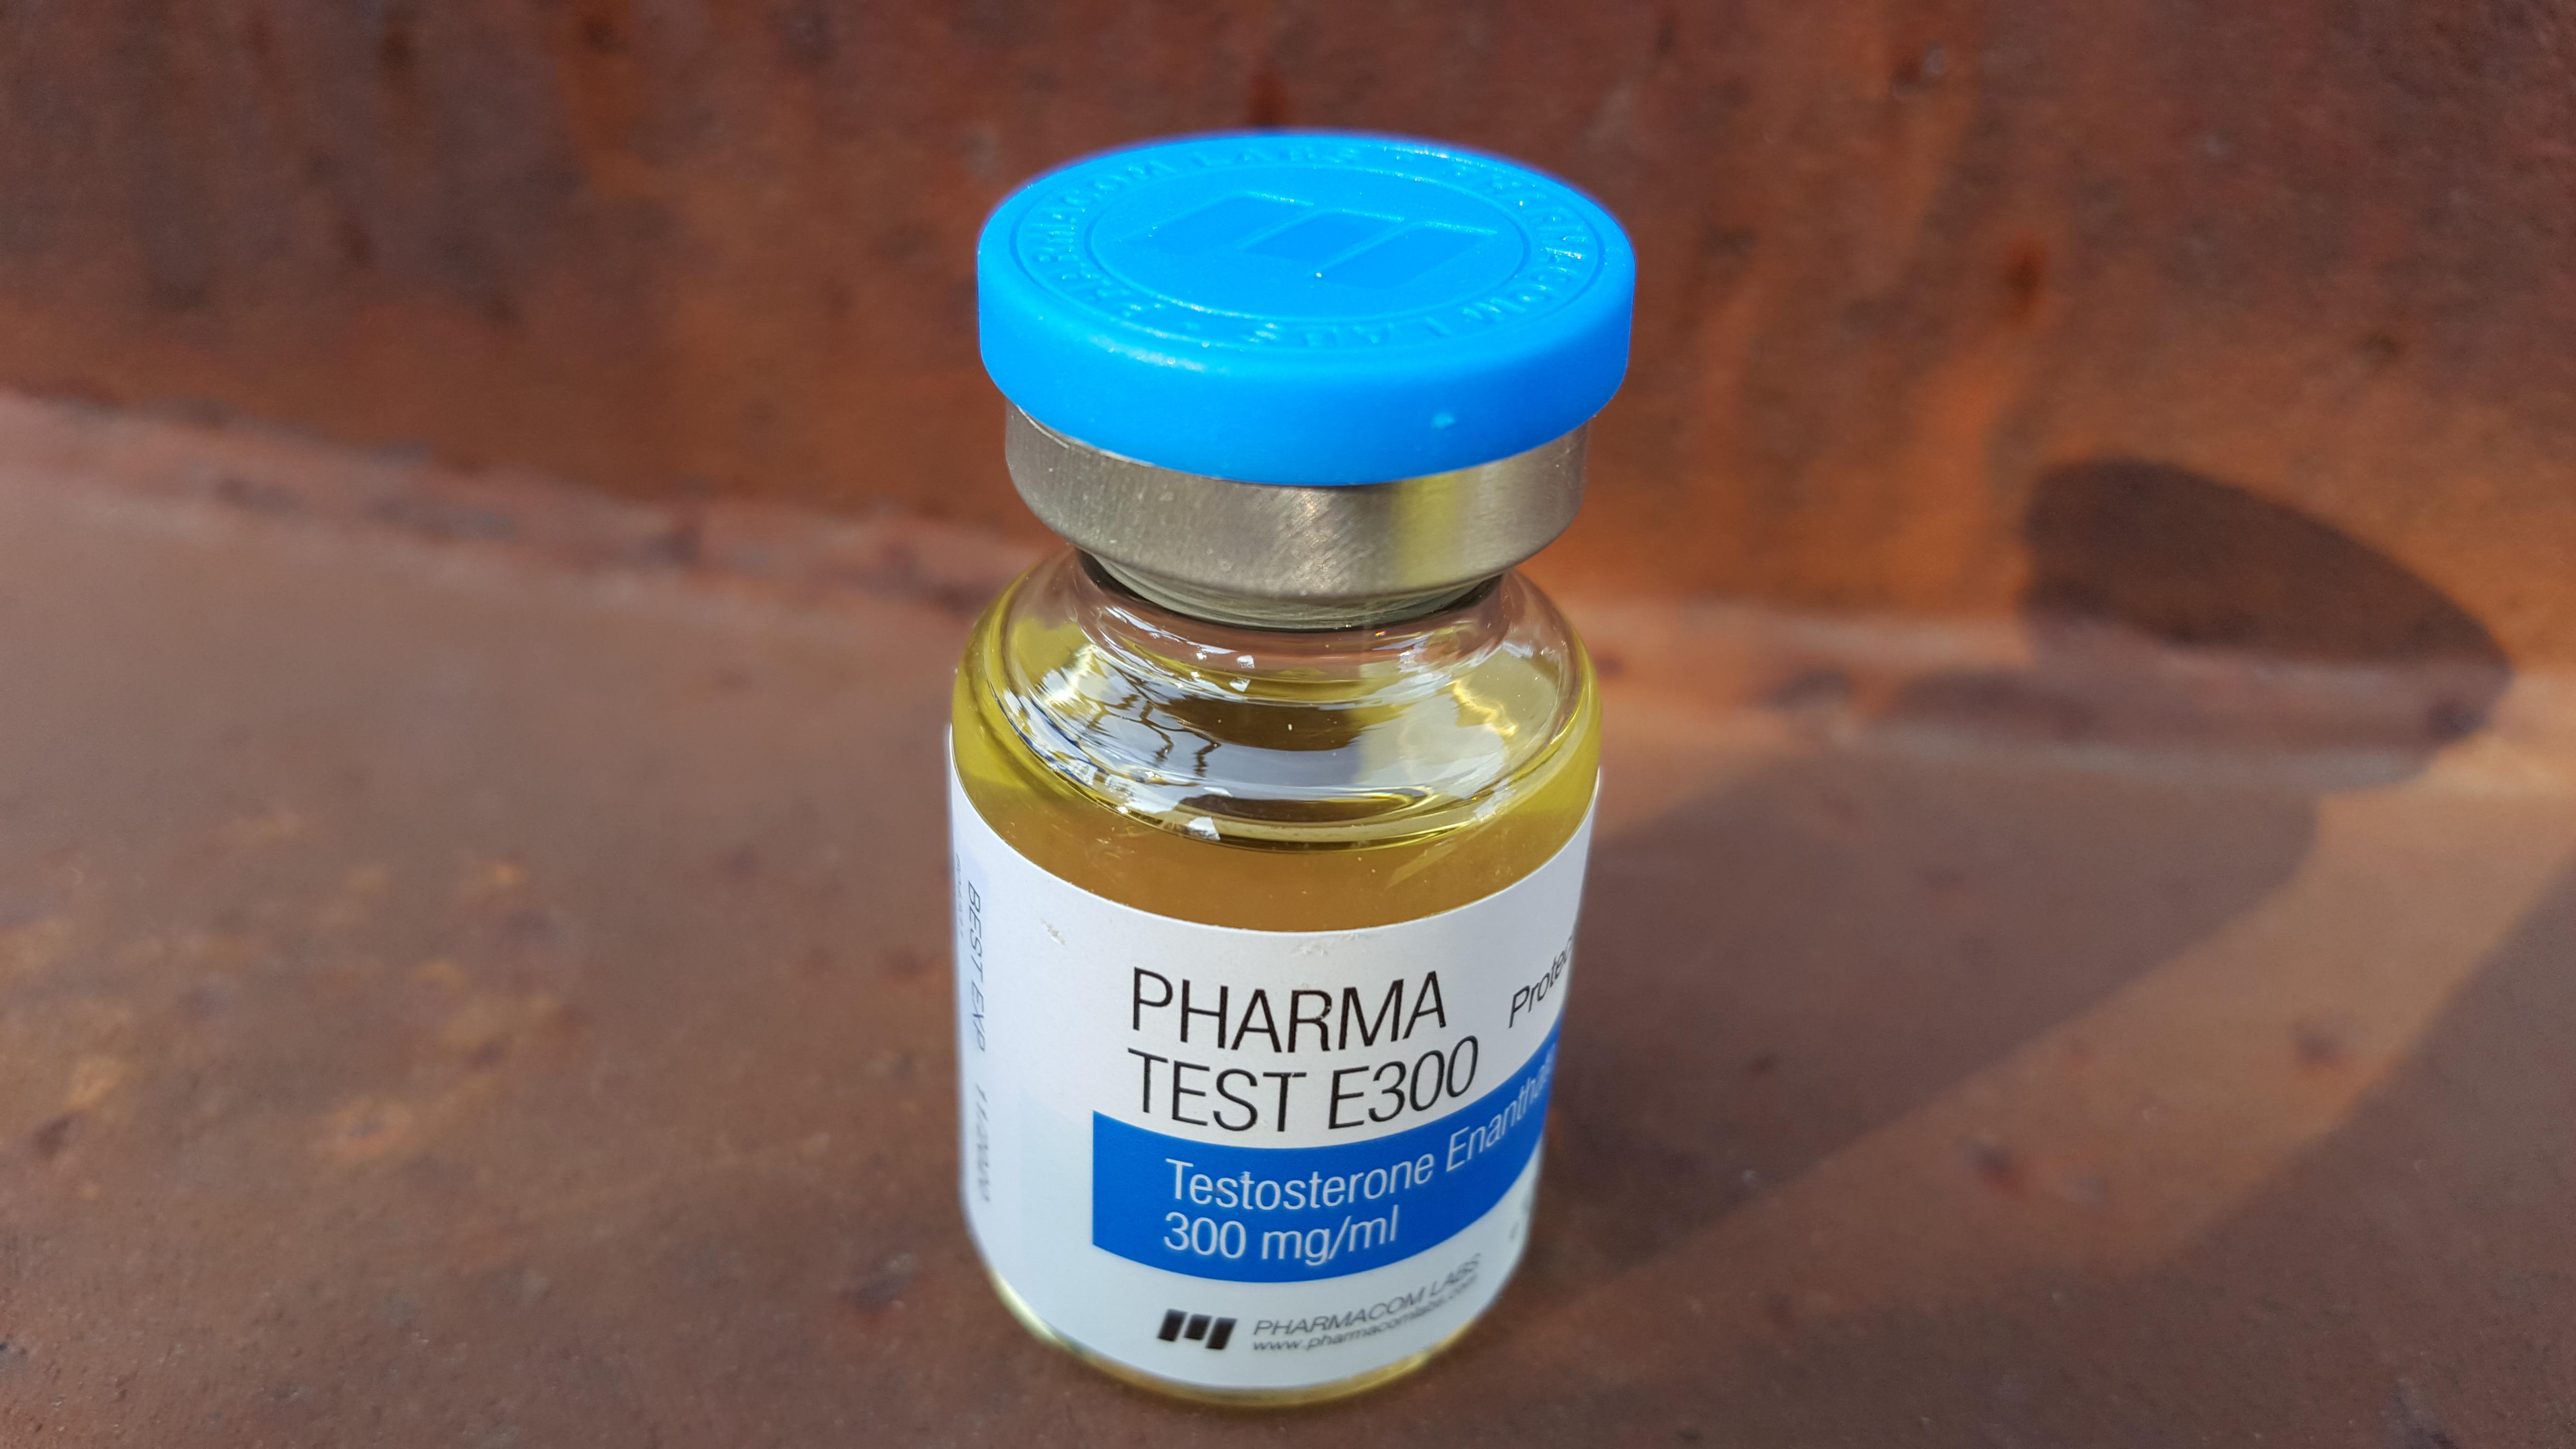 test c 300 steroid